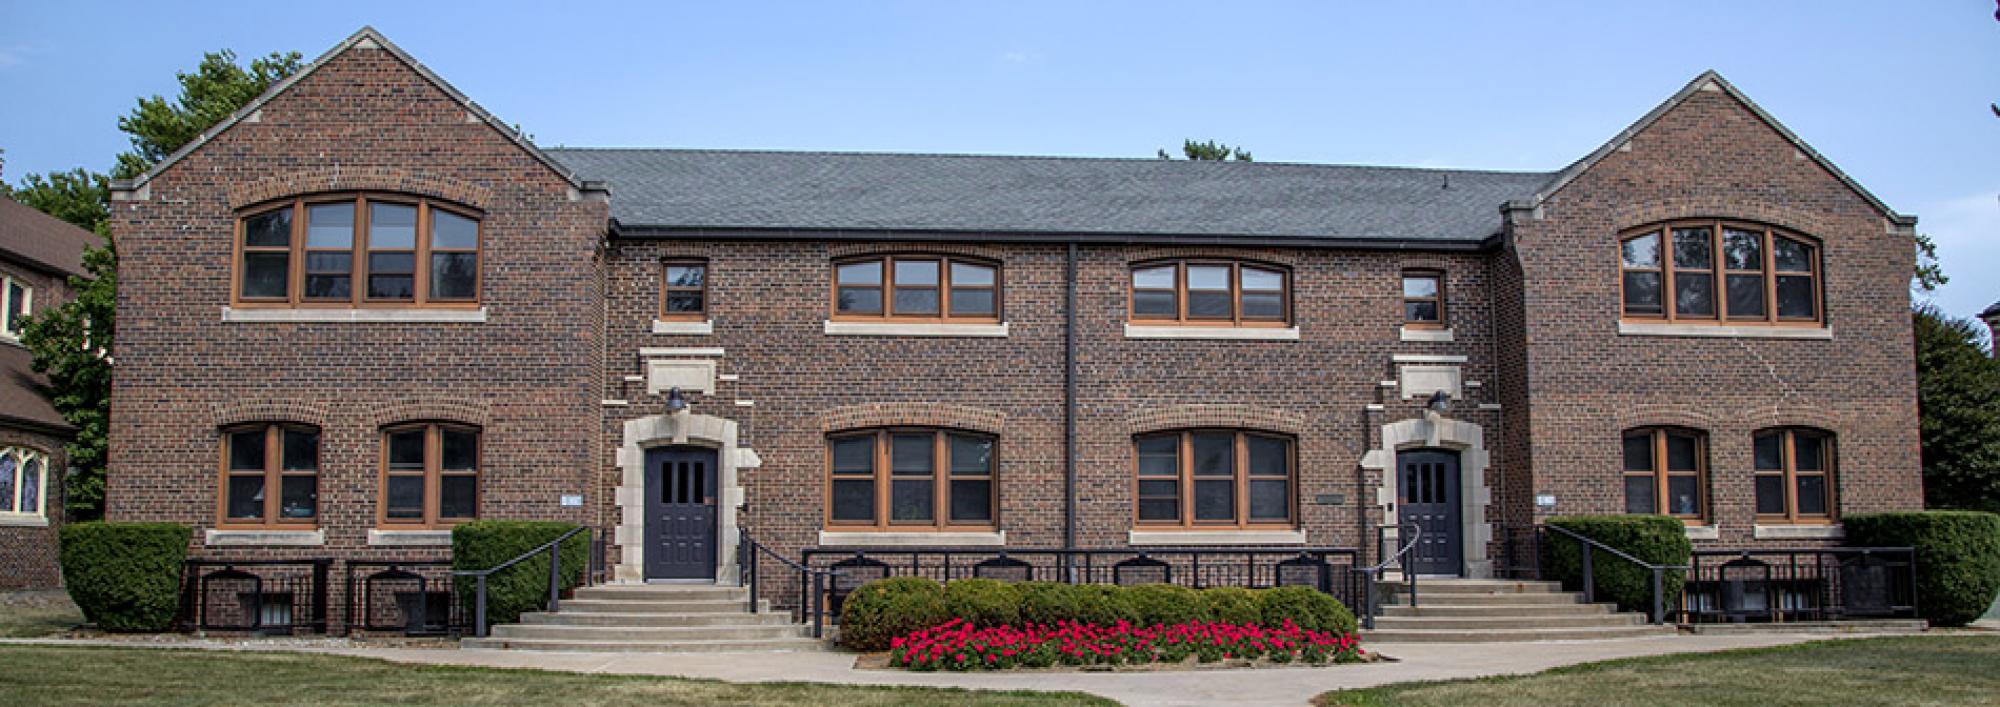 Steiner Hall exterior photo